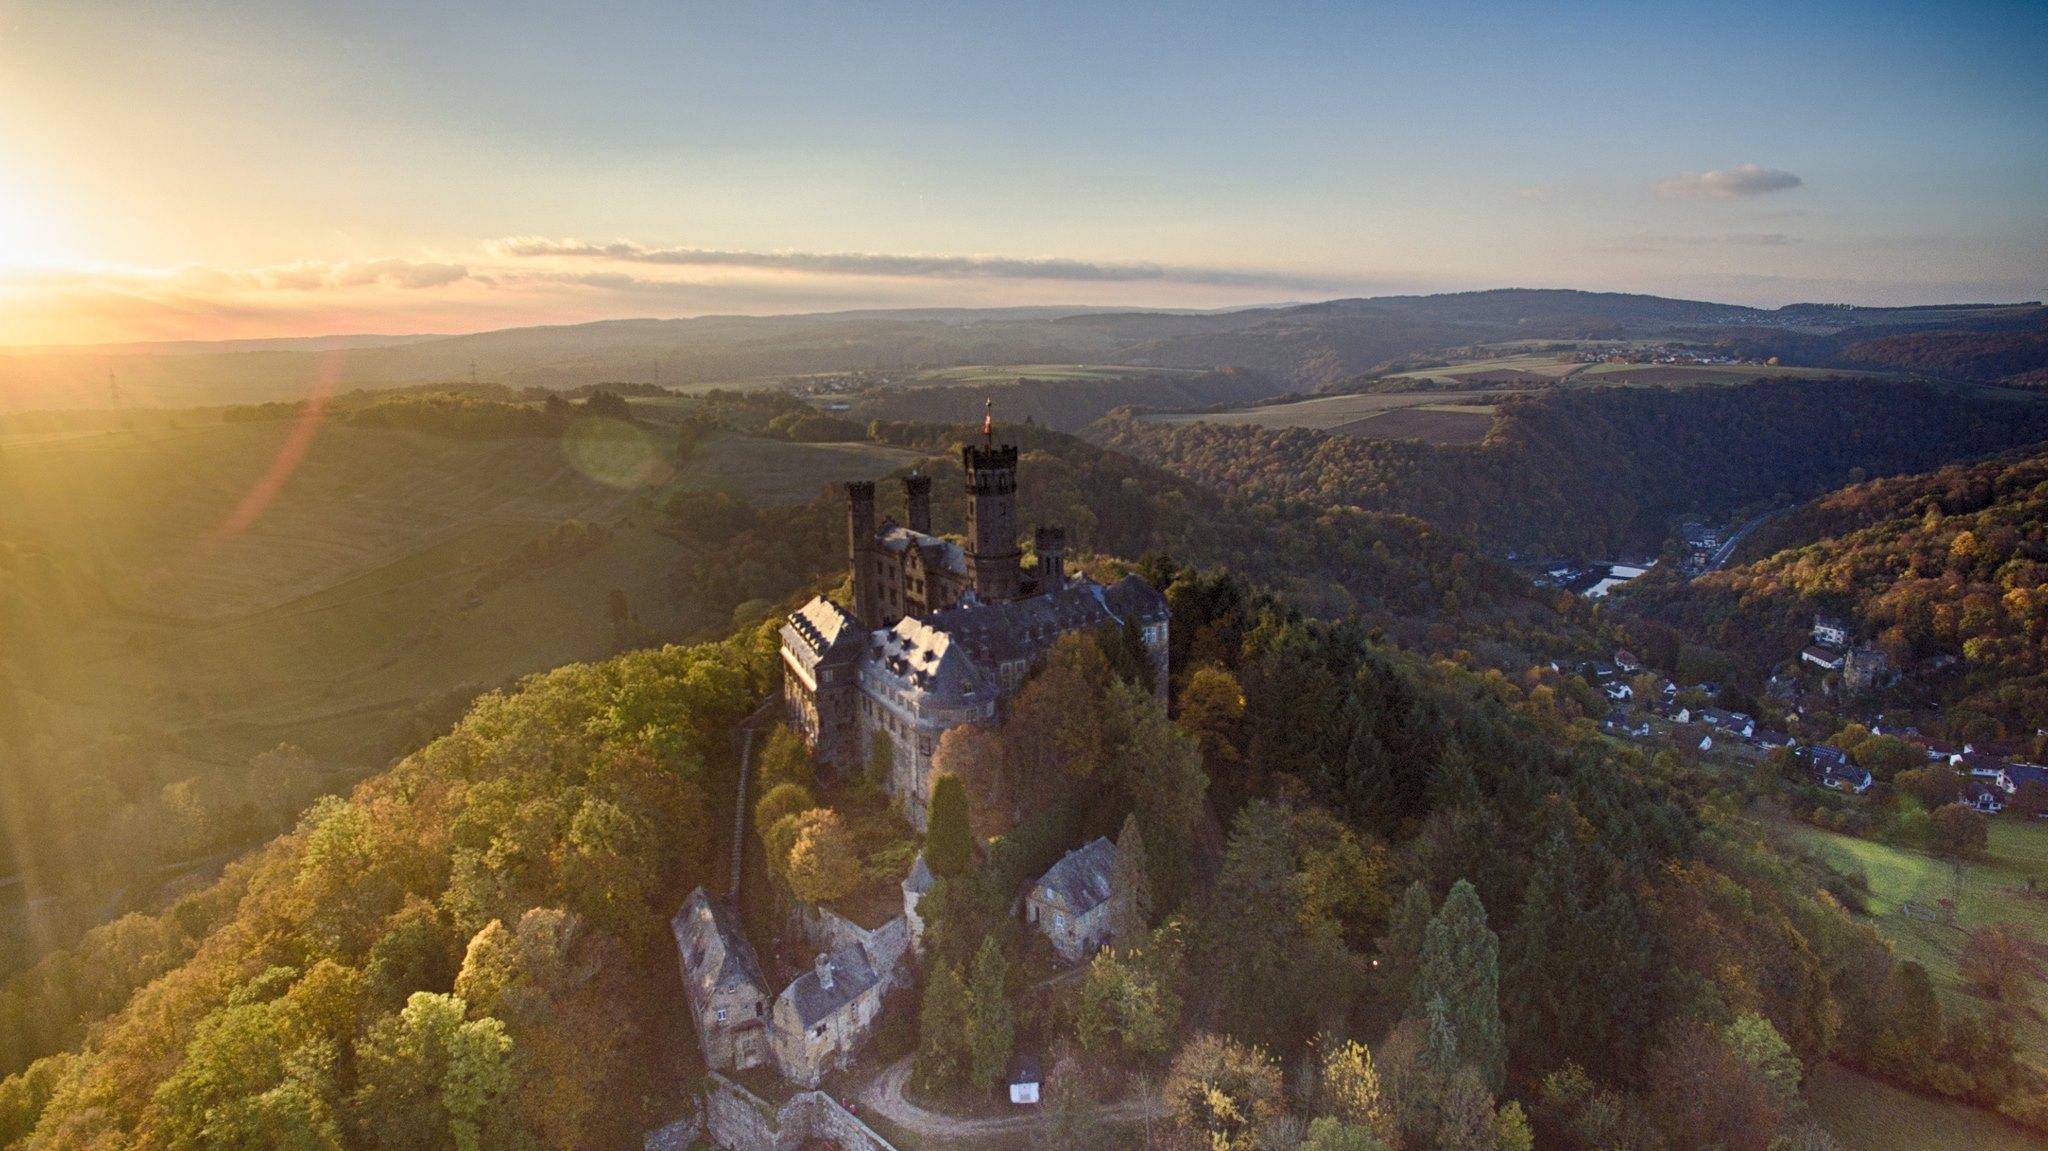 erebos-air-die-schaumburg-bei-balduinstein-im-herbstlichen-sonnenuntergang